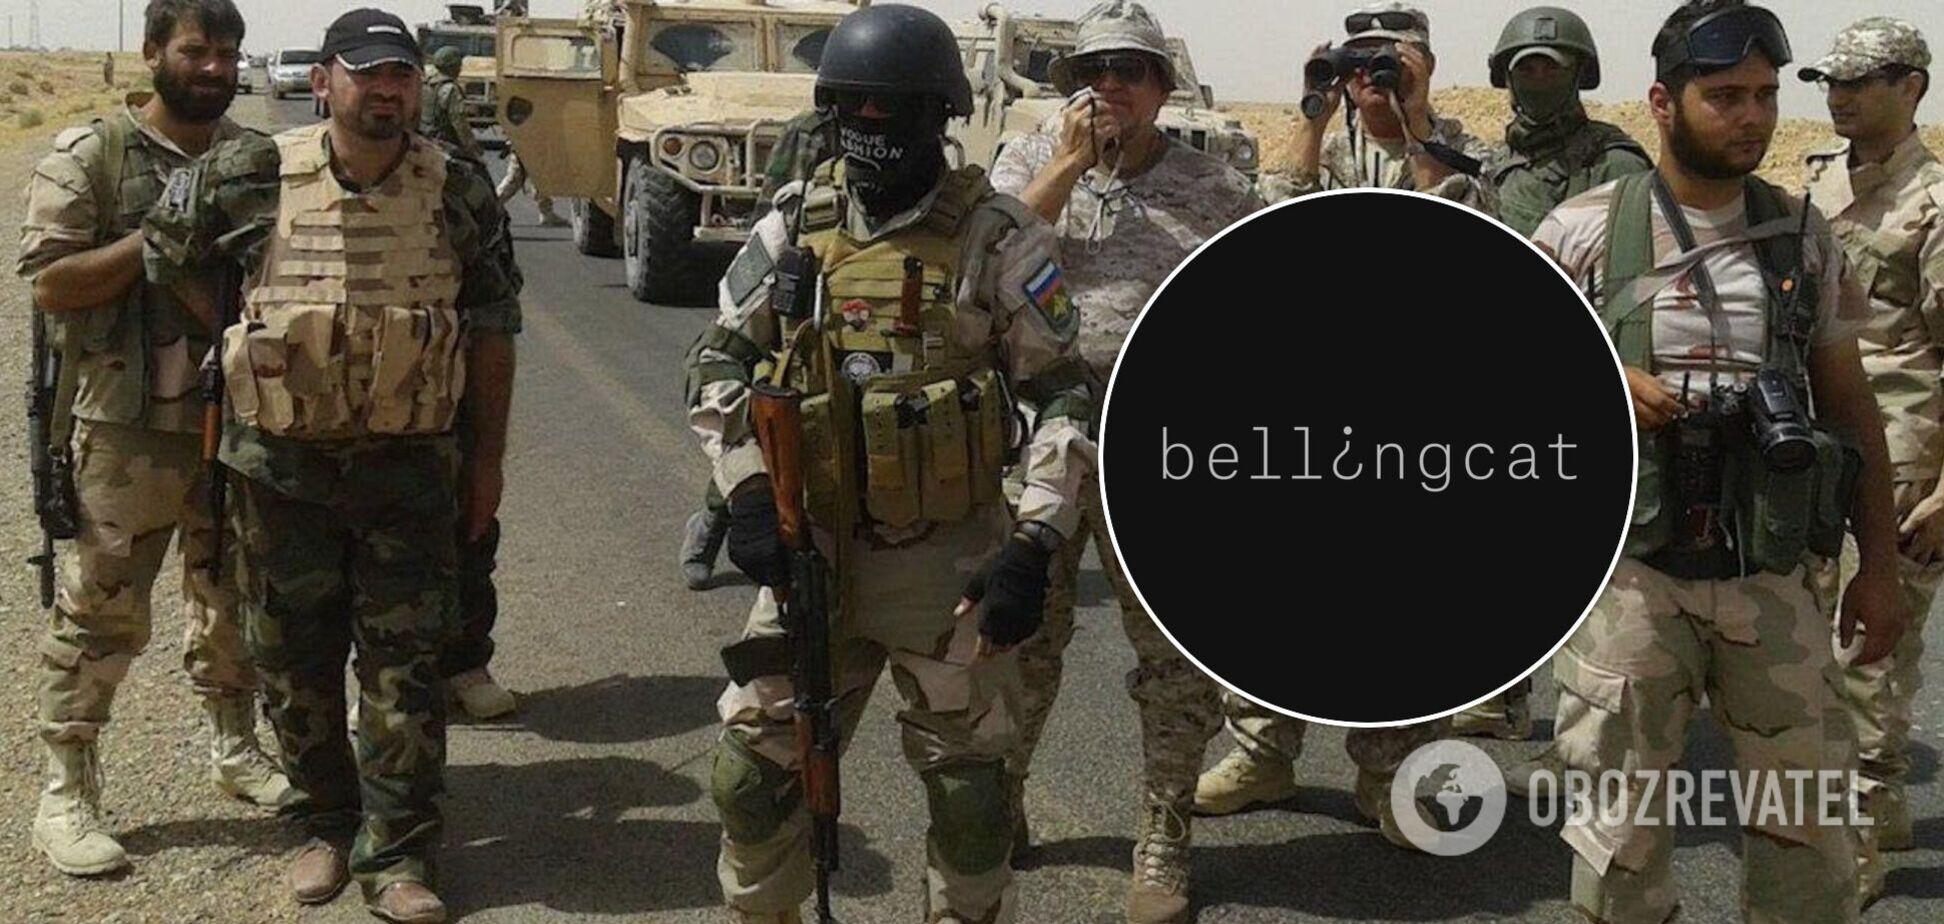 У Bellingcat назвали нову дату виходу розслідування щодо 'вагнерівців'